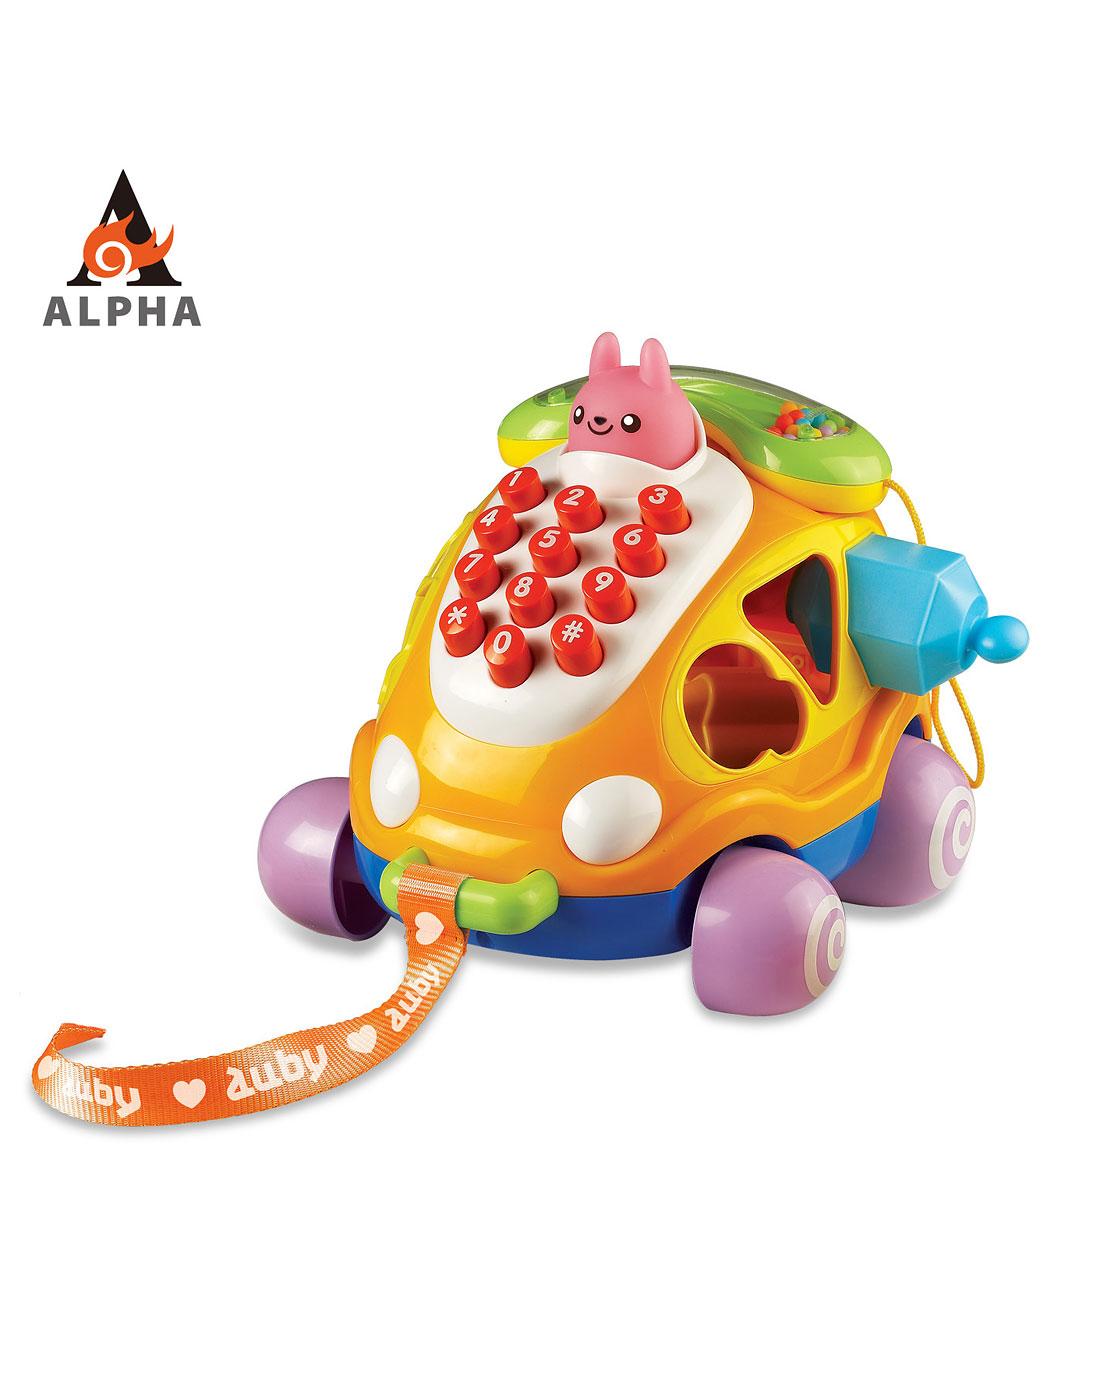 奥迪auldey玩具专场-澳贝 汽车电话